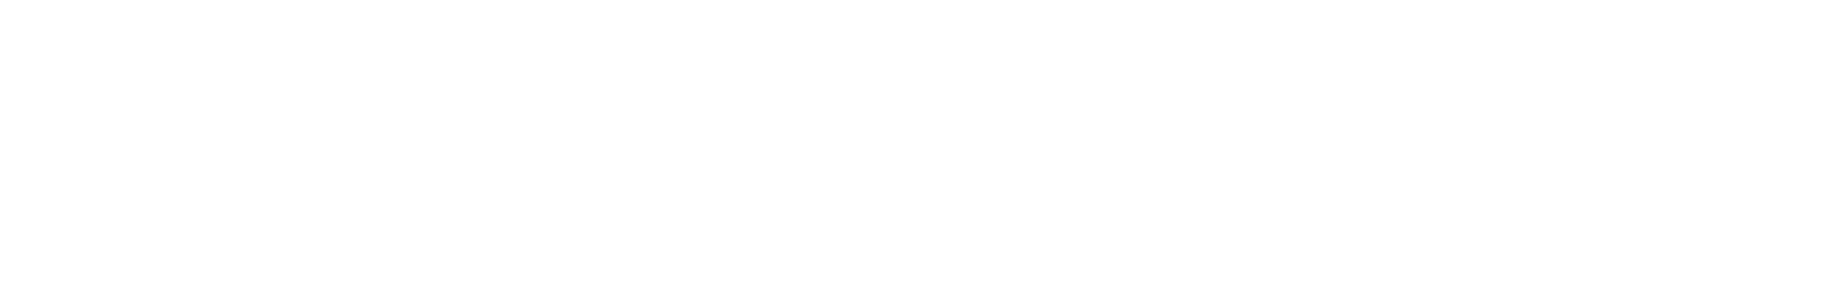 Michael Schwarte · Grafikdesign · Webdesign · Werbung